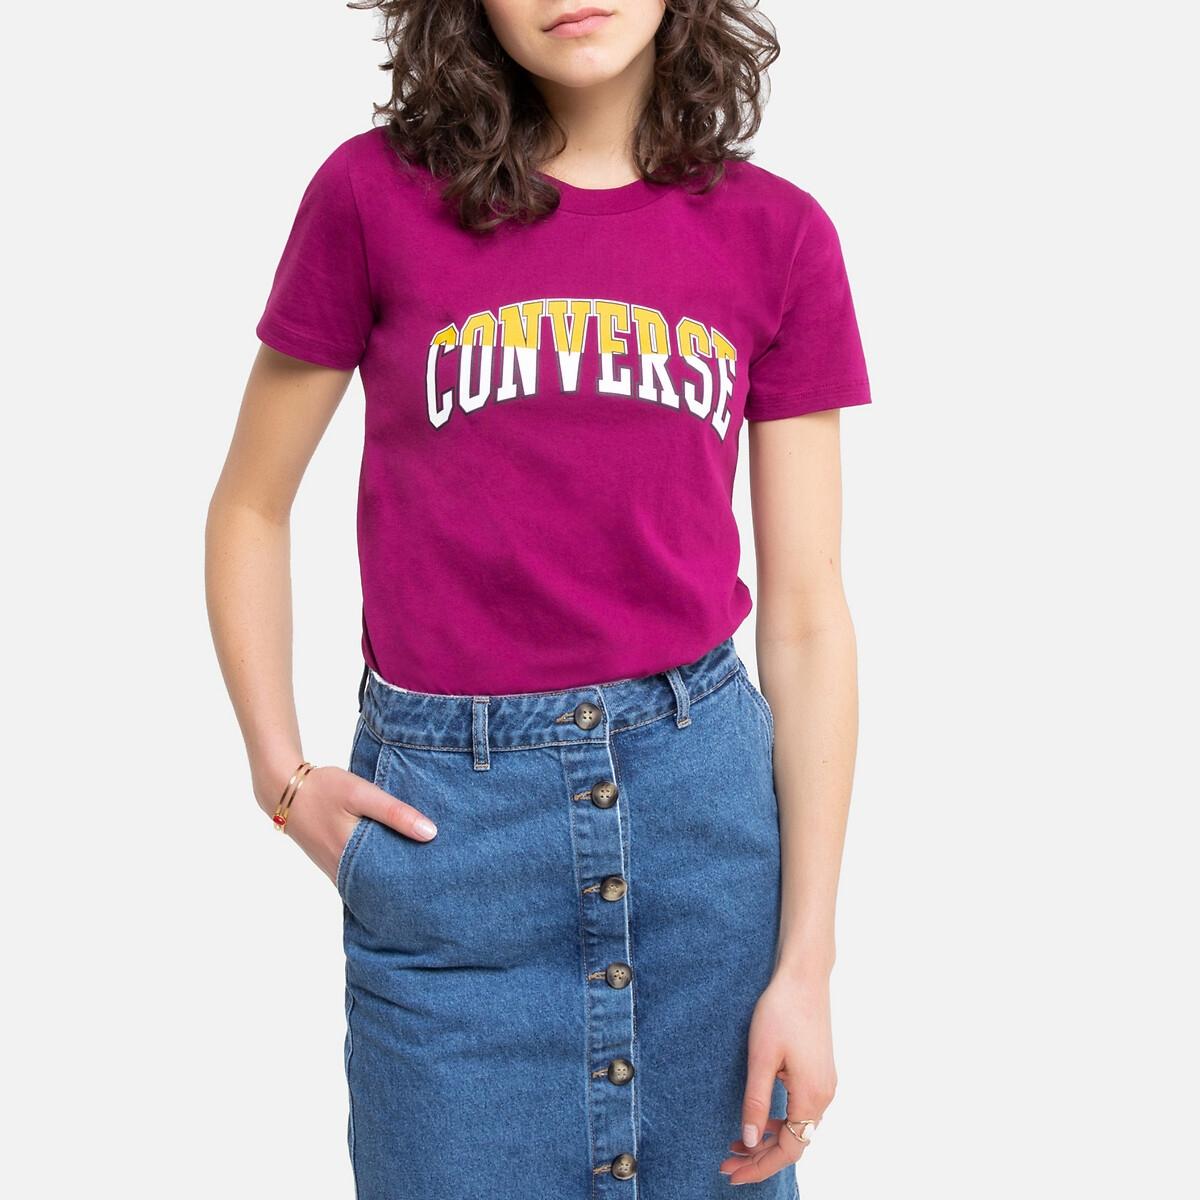 Camiseta Twisted Varsity 100% algodón con logotipo delante